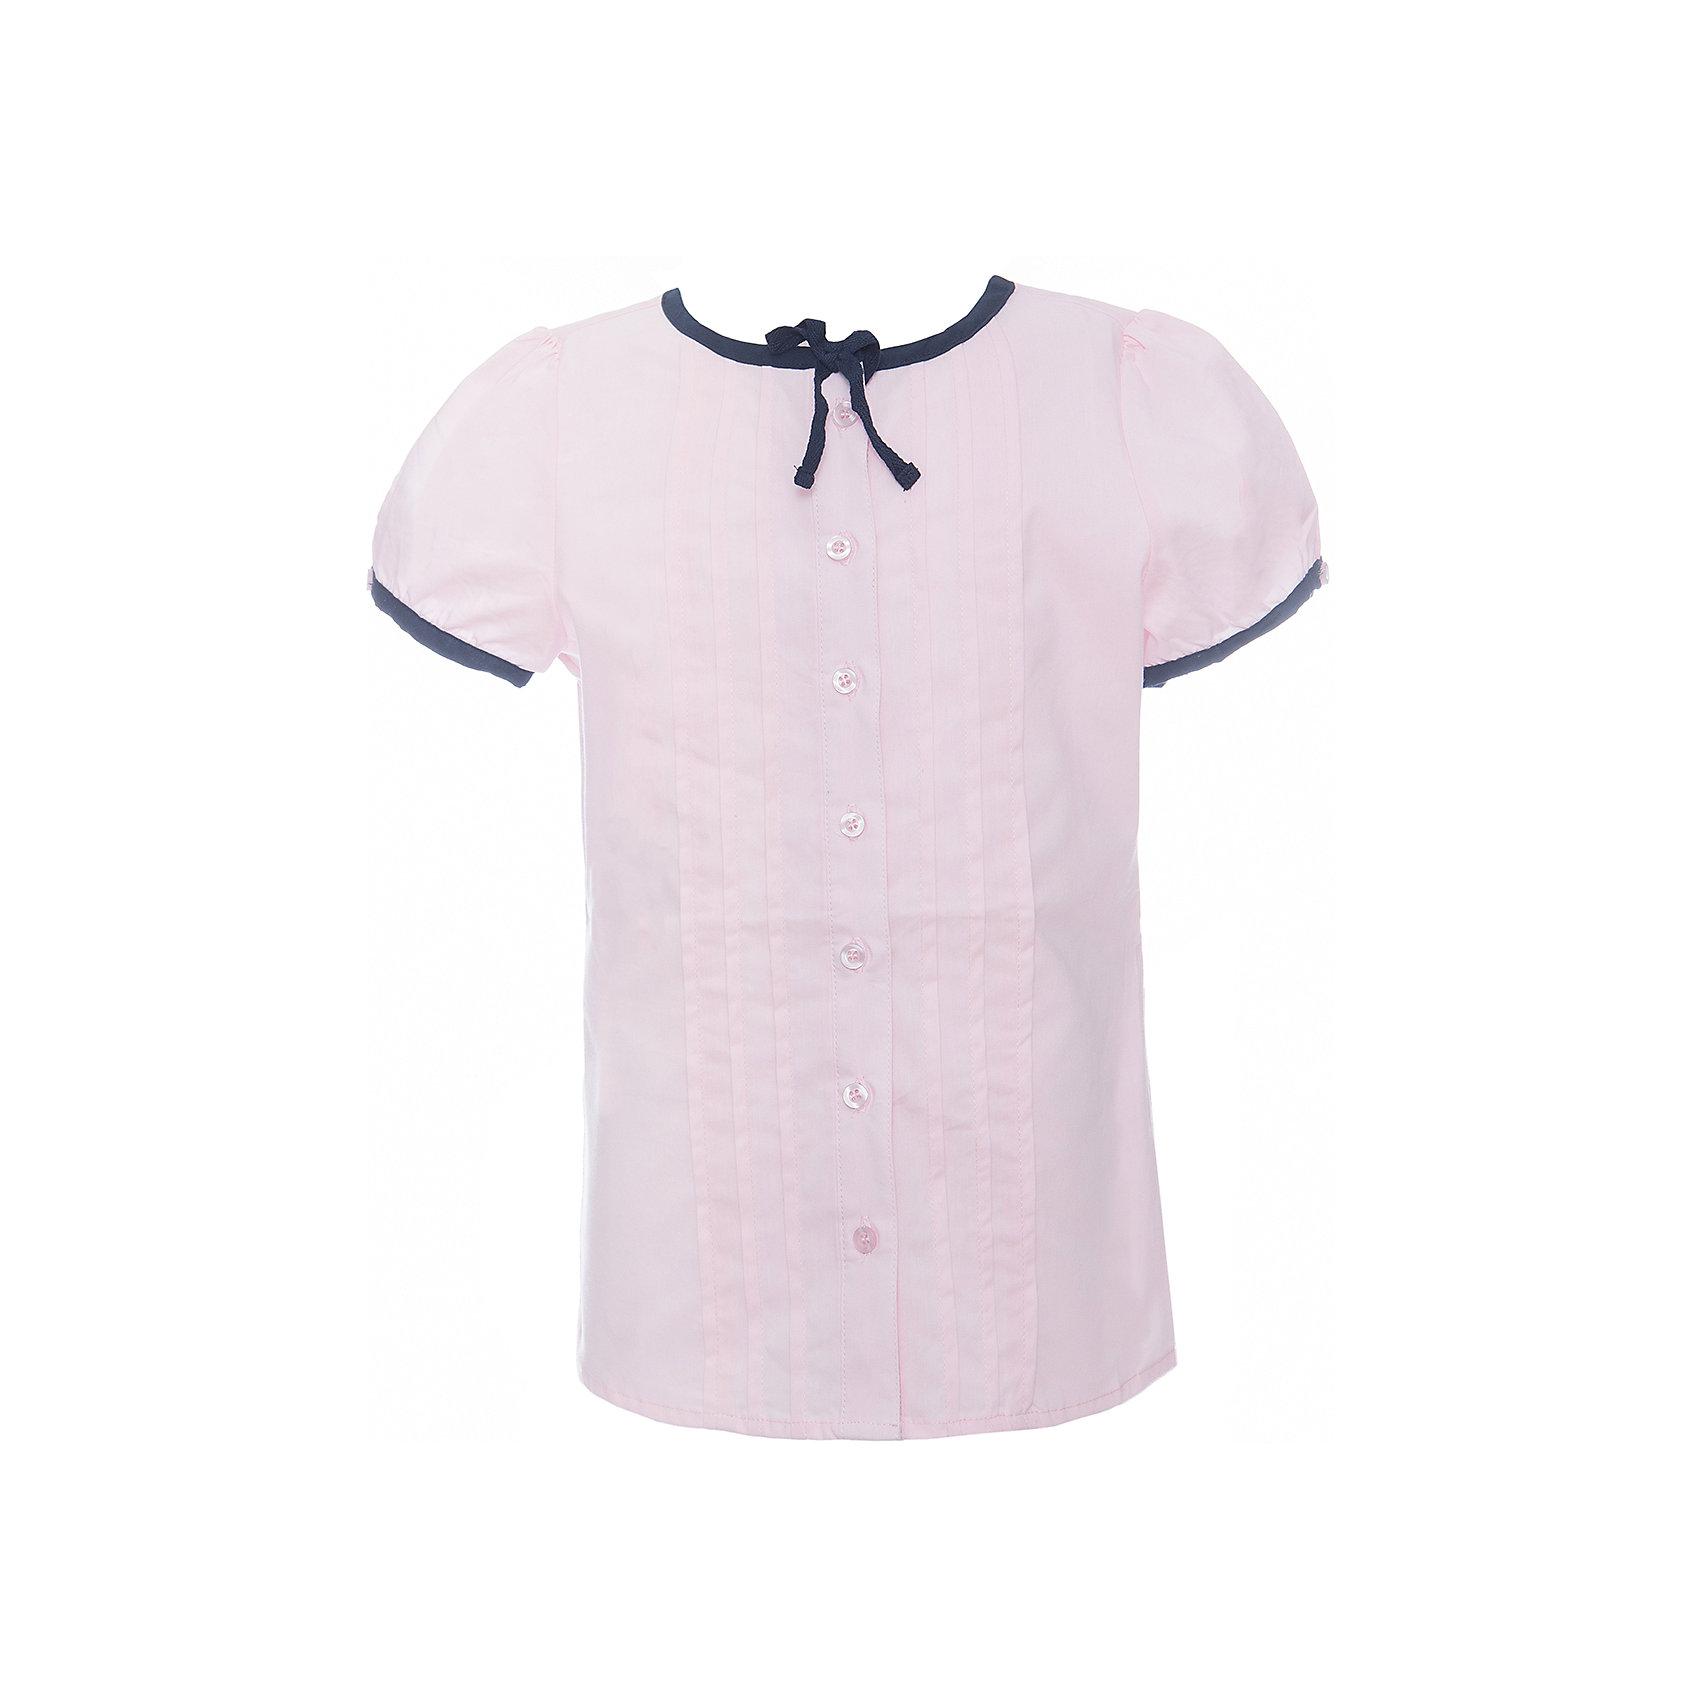 Блузка текстильная для девочки ScoolБлузки и рубашки<br>Блузка текстильная для девочки Scool<br>розовыйБлузка с коротким рукавом в классическом стиле сможет дополнить школьный гардероб ребенка. Передняя часть этой модели декорирована встрочными складками по всей длине изделия. Рукава - фонарики и горловина отделаны контрастной тесьмой. На воротнике тесьма завязывается на аккуратный бант.<br>Состав:<br>65% полиэстер, 35% хлопок<br><br>Ширина мм: 186<br>Глубина мм: 87<br>Высота мм: 198<br>Вес г: 197<br>Цвет: светло-розовый<br>Возраст от месяцев: 156<br>Возраст до месяцев: 168<br>Пол: Женский<br>Возраст: Детский<br>Размер: 164,128,134,140,146,152,158<br>SKU: 6754844